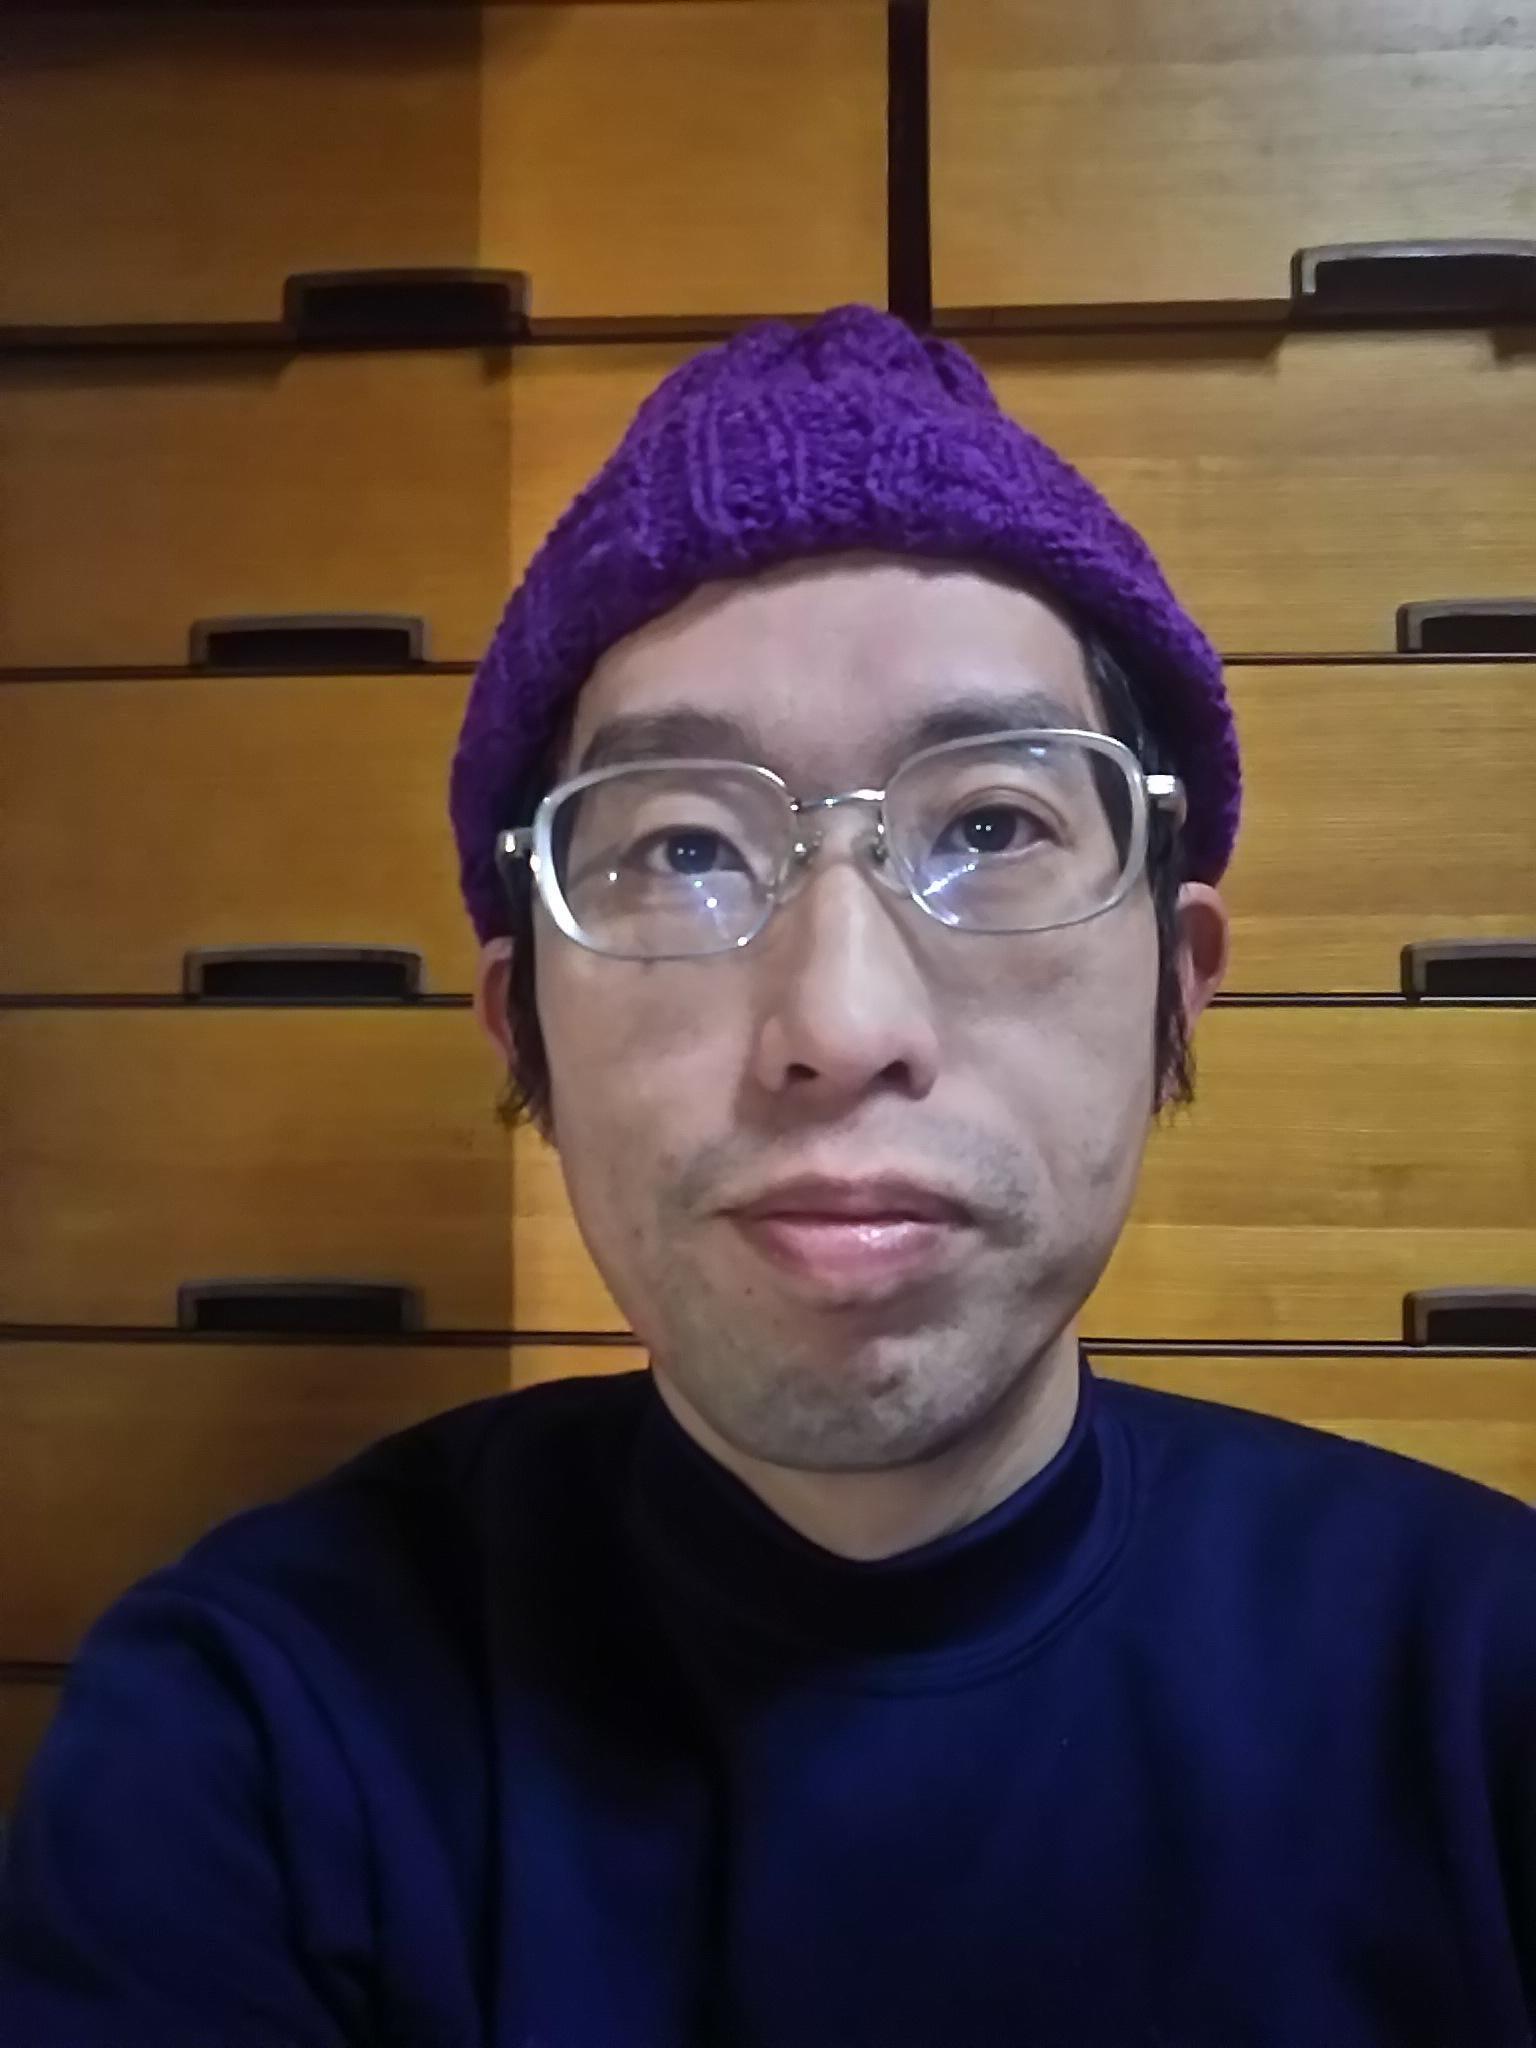 澤田顕治(サワダケンジ)=努力型のごっち大王Ω☆星矢